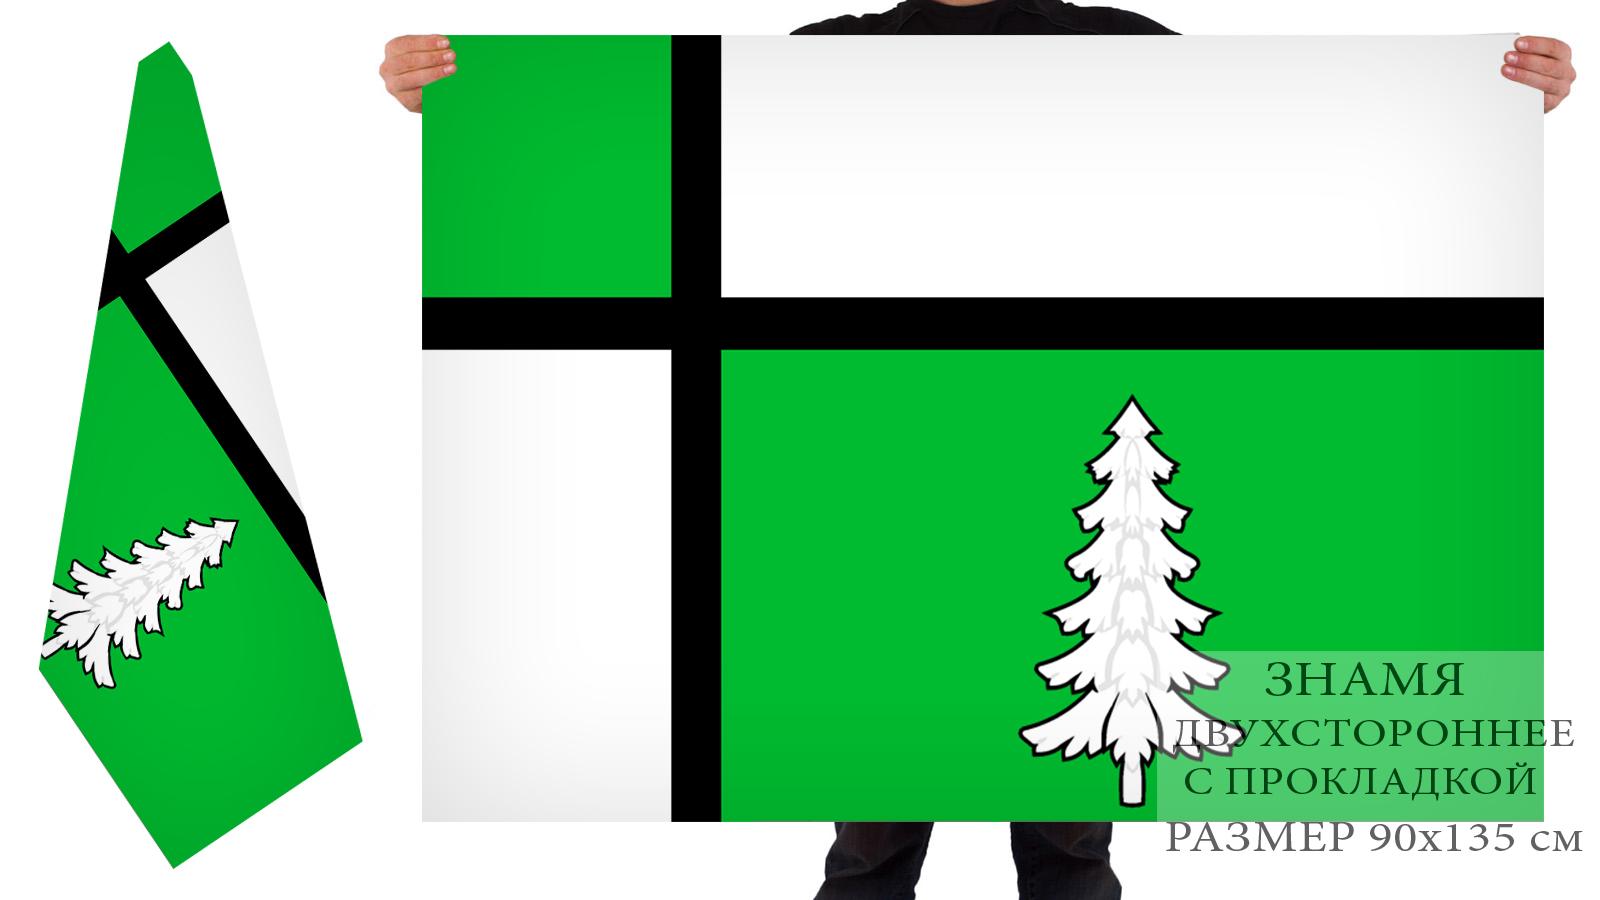 Купить флаг Тайшетского Муниципального Образования